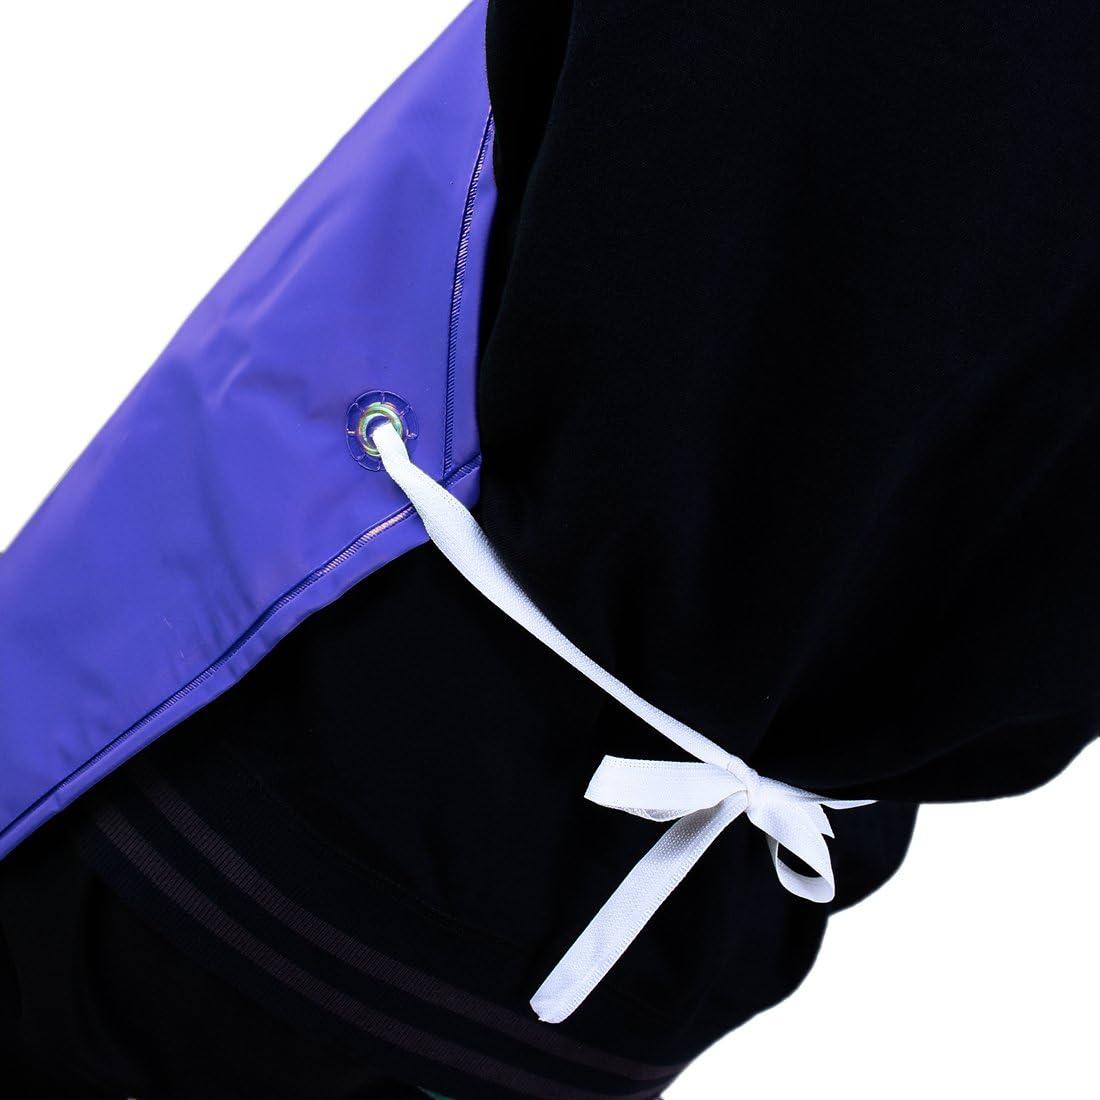 Zhaoke Tablier de Cuisine /Étanche Tablier Imperm/éable pour Restaurant Jardinage Bleu PVC Tablier de Travail pour Boucher Nettoyage Industria Extra Long 110 * 75 cm